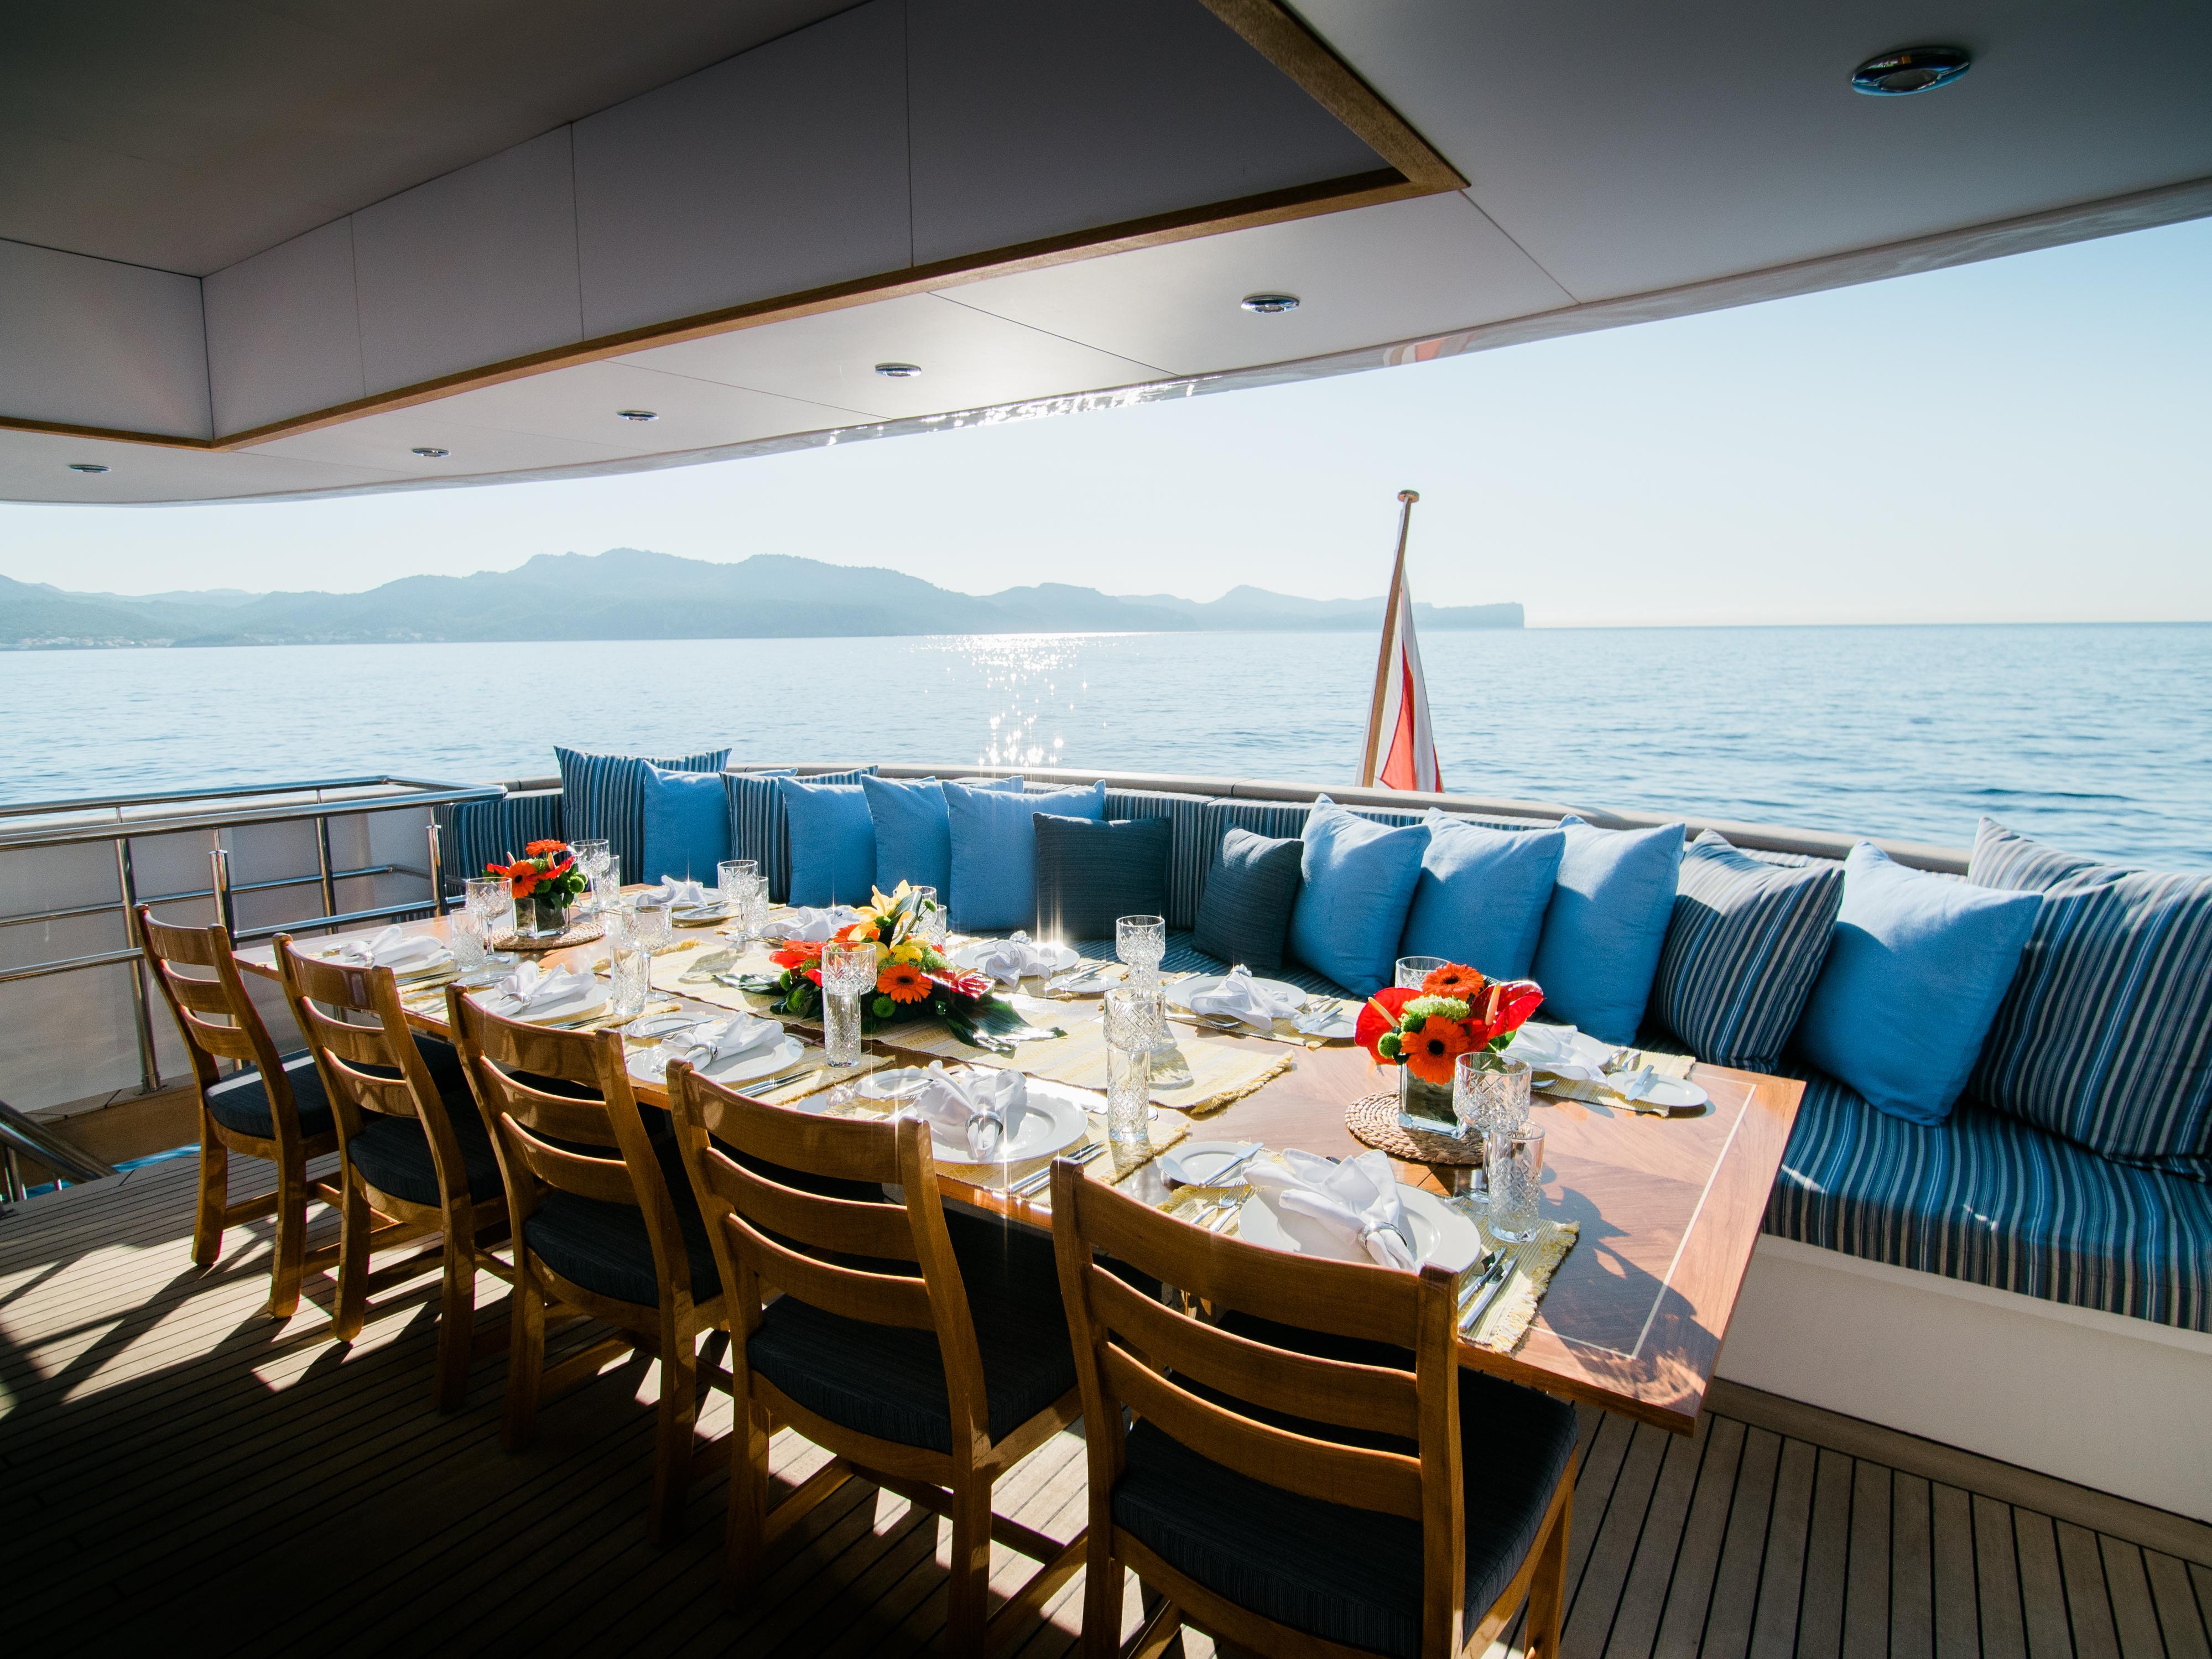 Al Dresco Aft Deck Dining Area